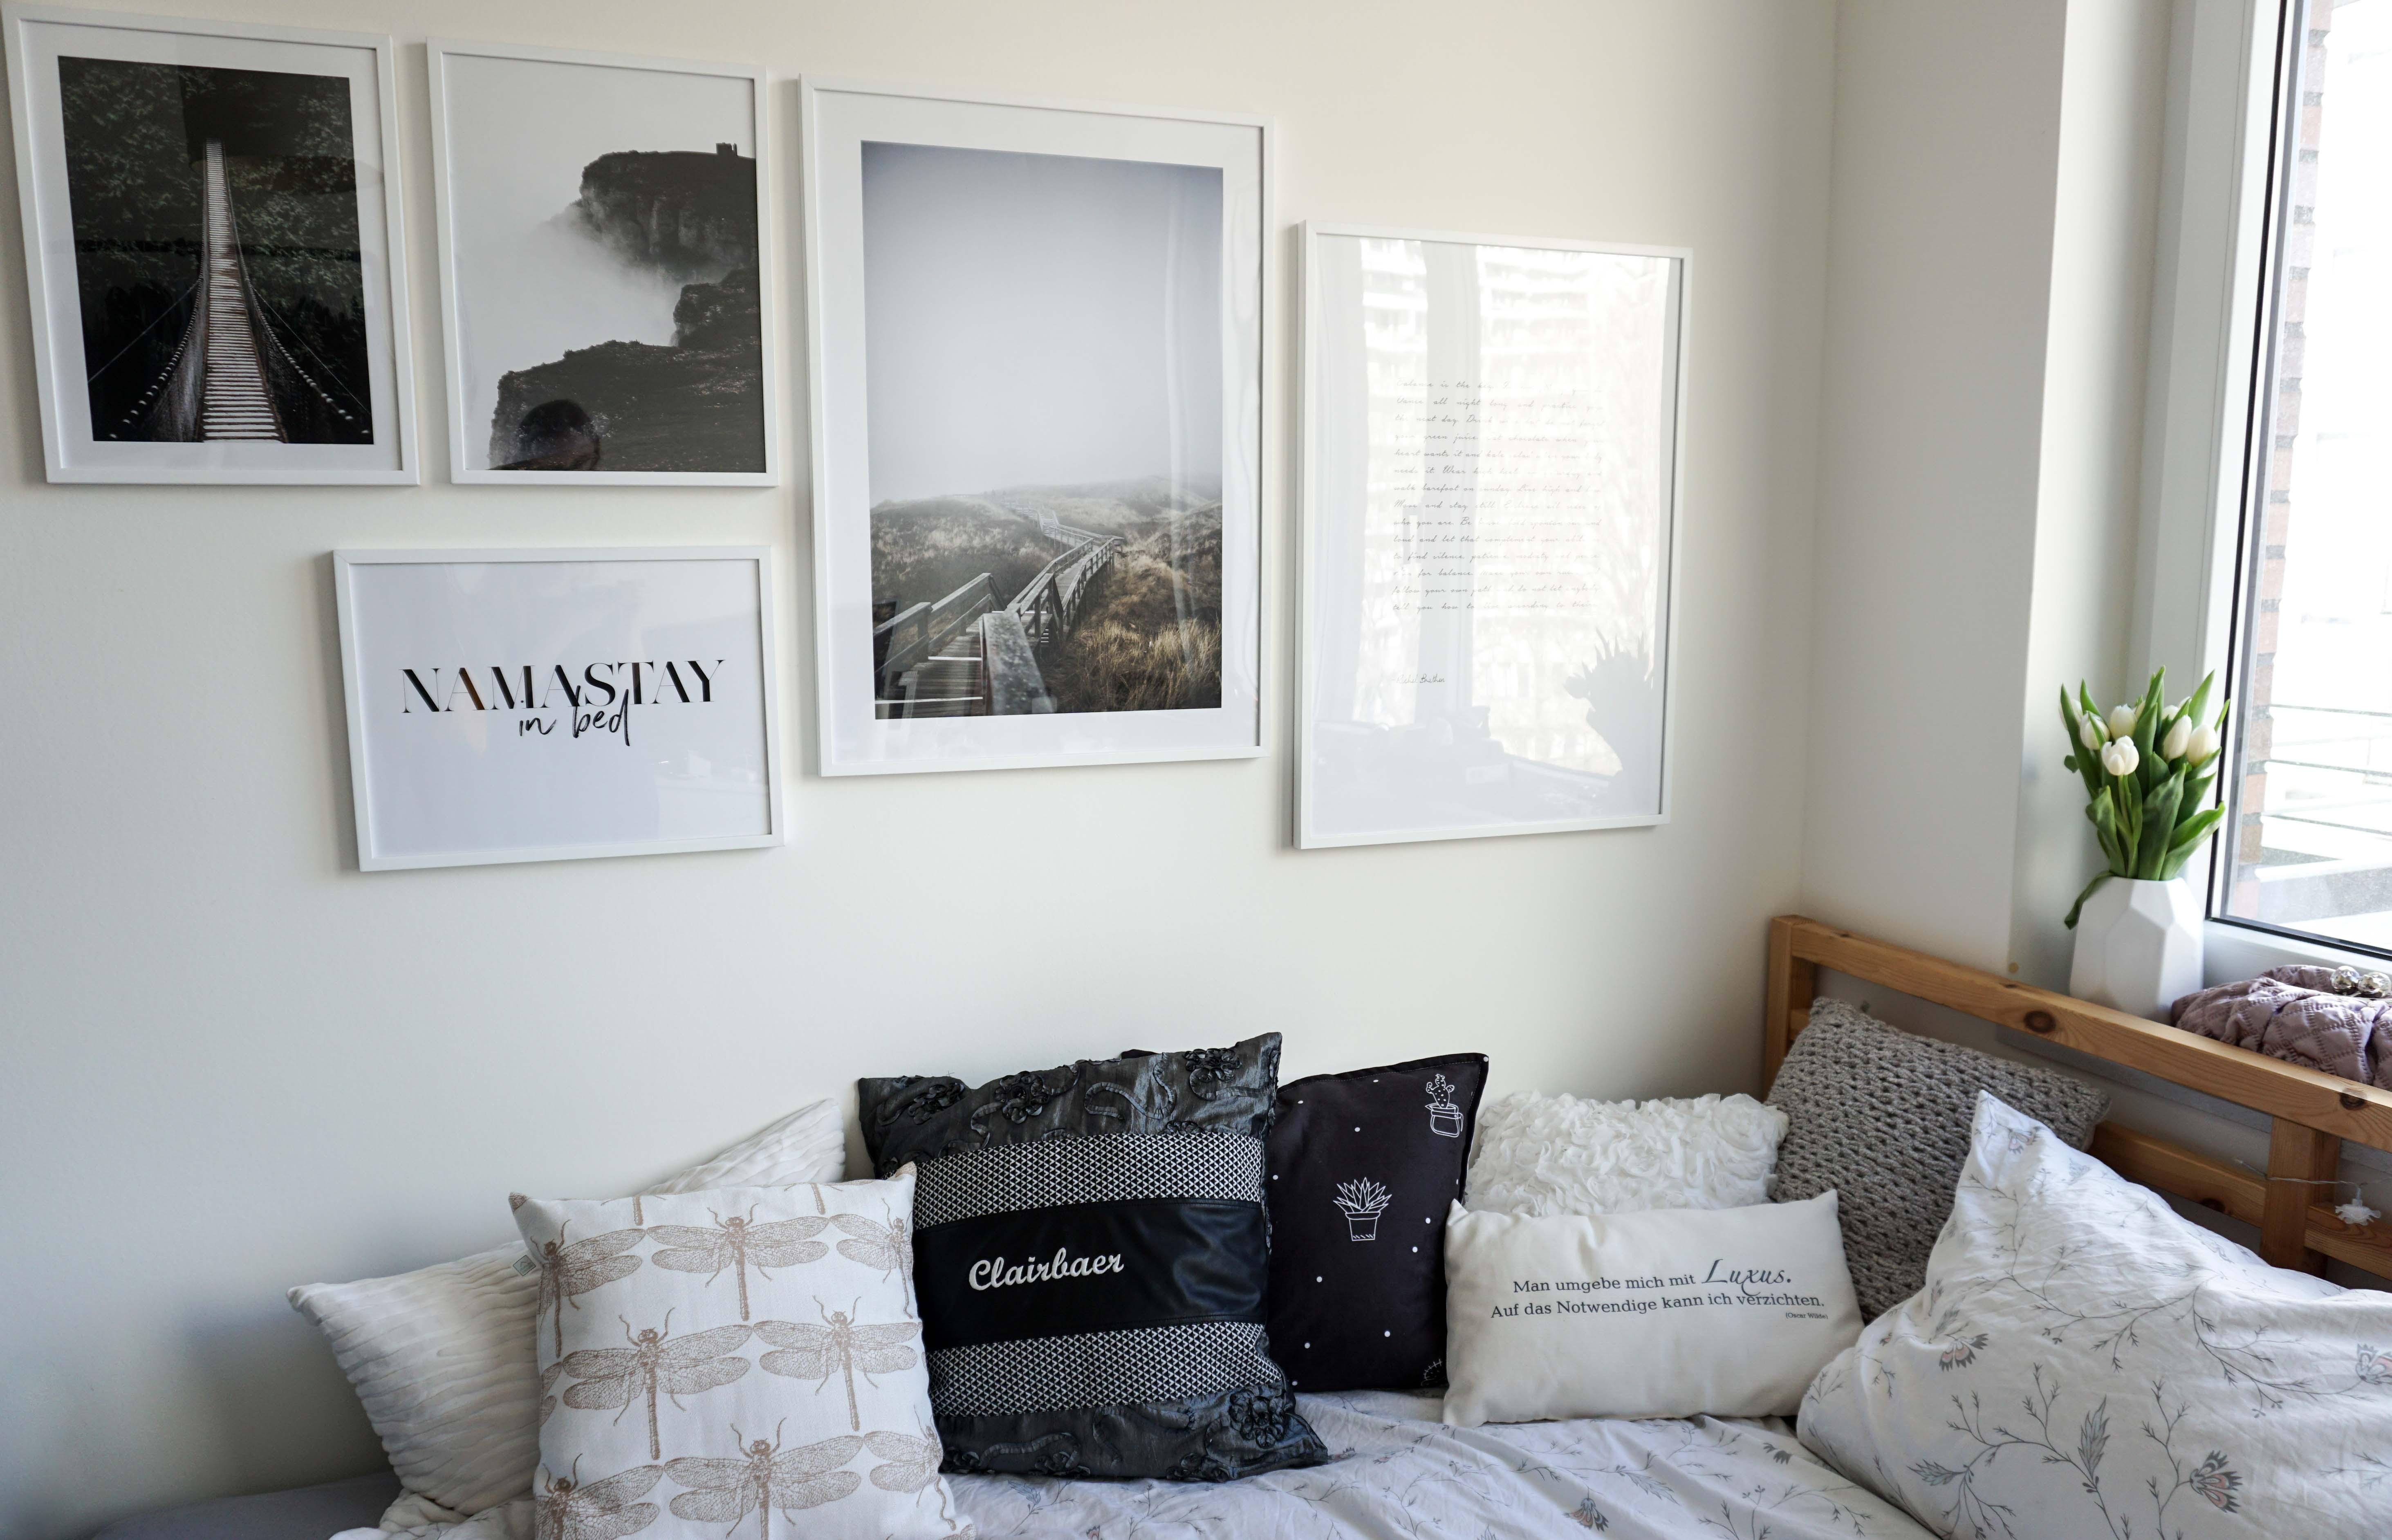 bilderwand gestalten tipps und ideen f r bilderw nde anordnung und auswahl. Black Bedroom Furniture Sets. Home Design Ideas